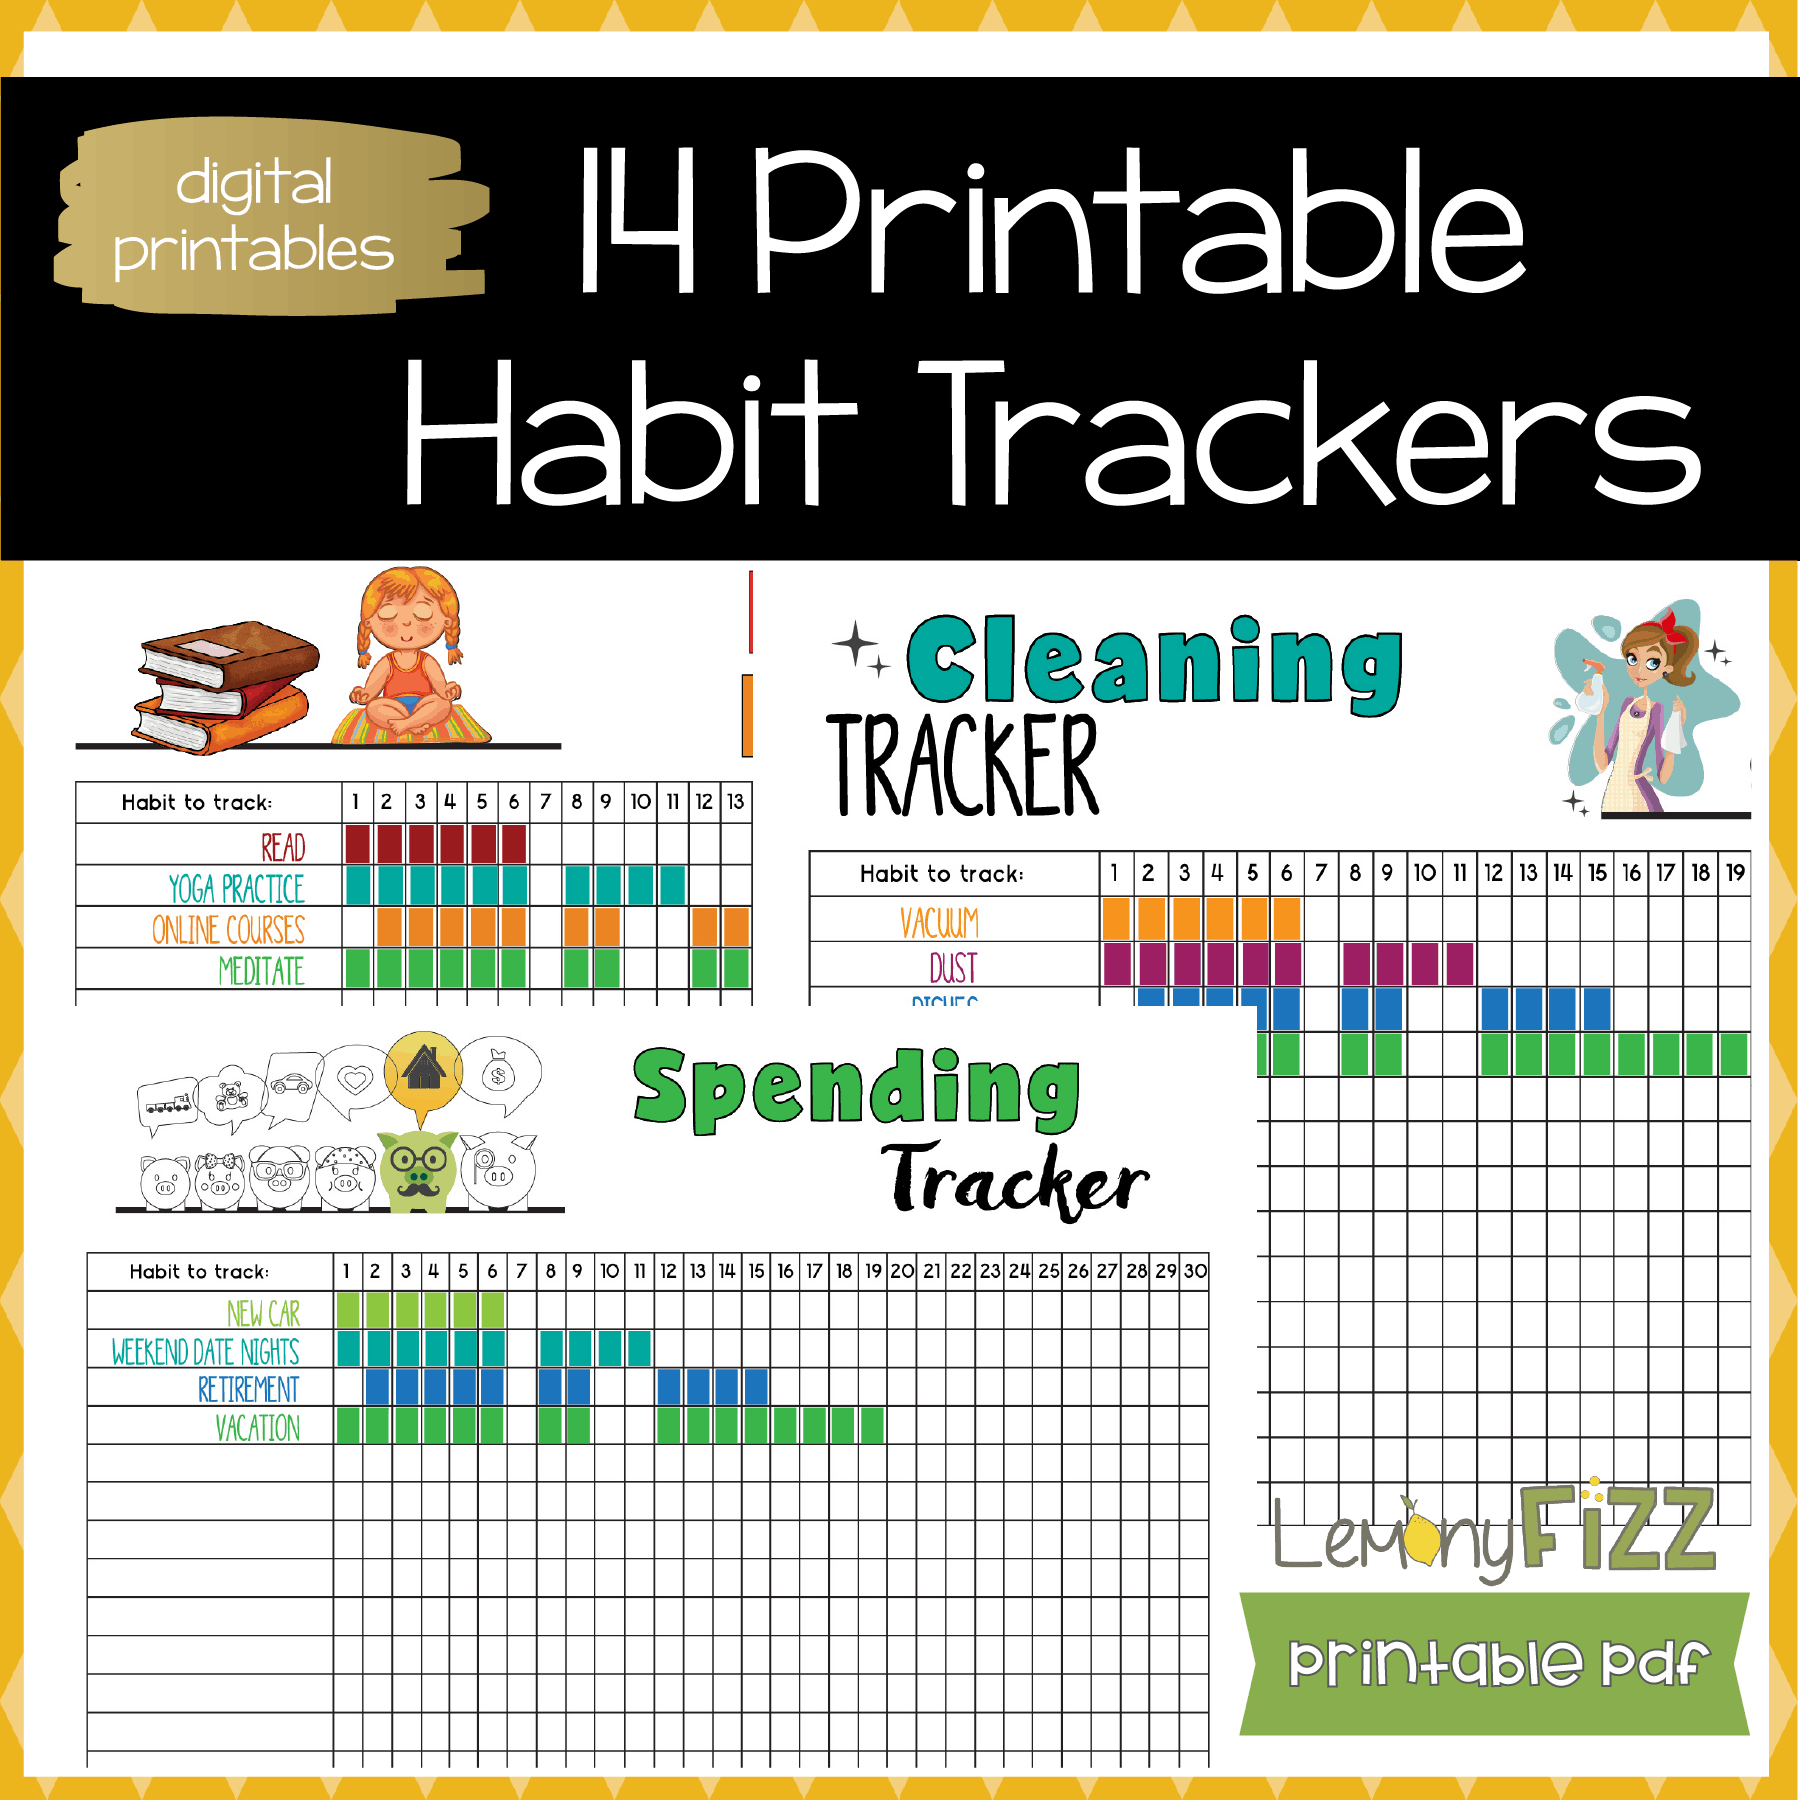 Habit trackers